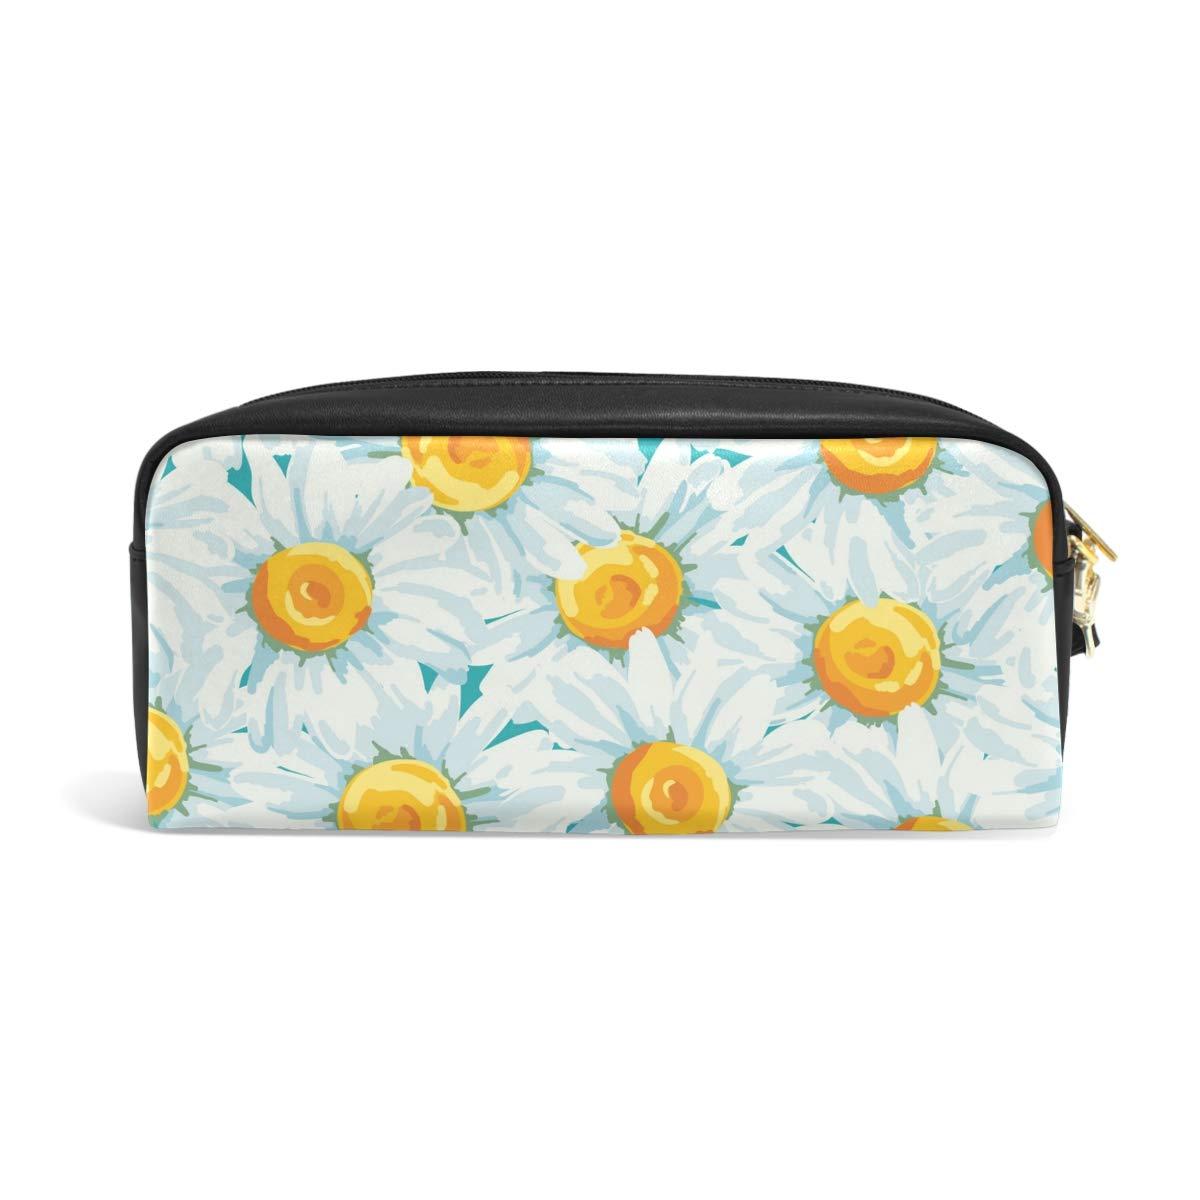 para estudiantes niñas y niños Mnsruu Estuche de piel sintética con estampado floral de Daisies con pequeños compartimentos para guardar bolígrafos cremallera